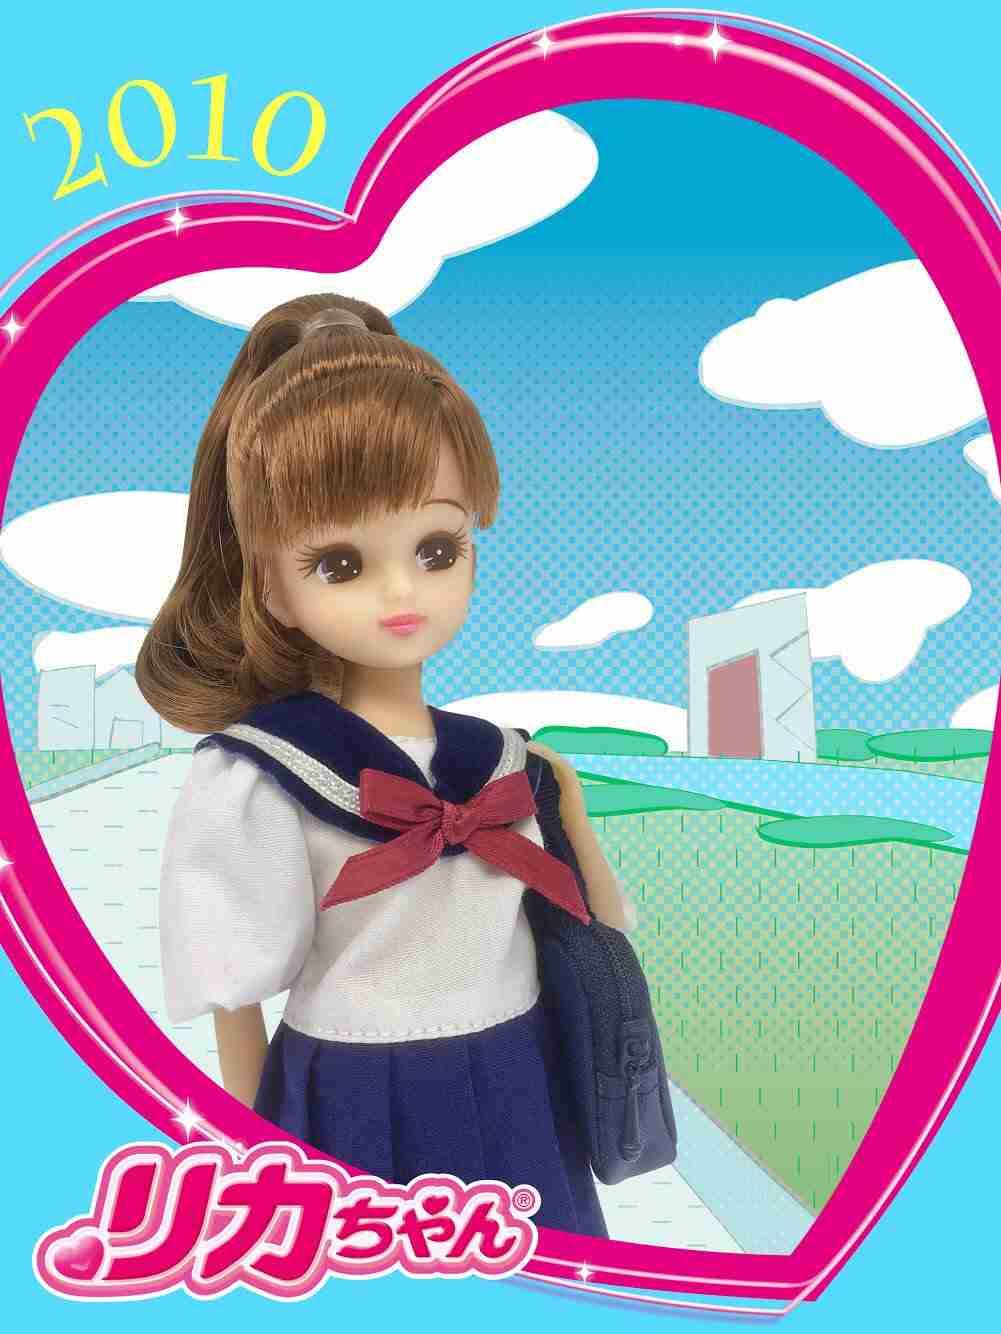 リカちゃん人形の画像を貼るトピ 第3弾